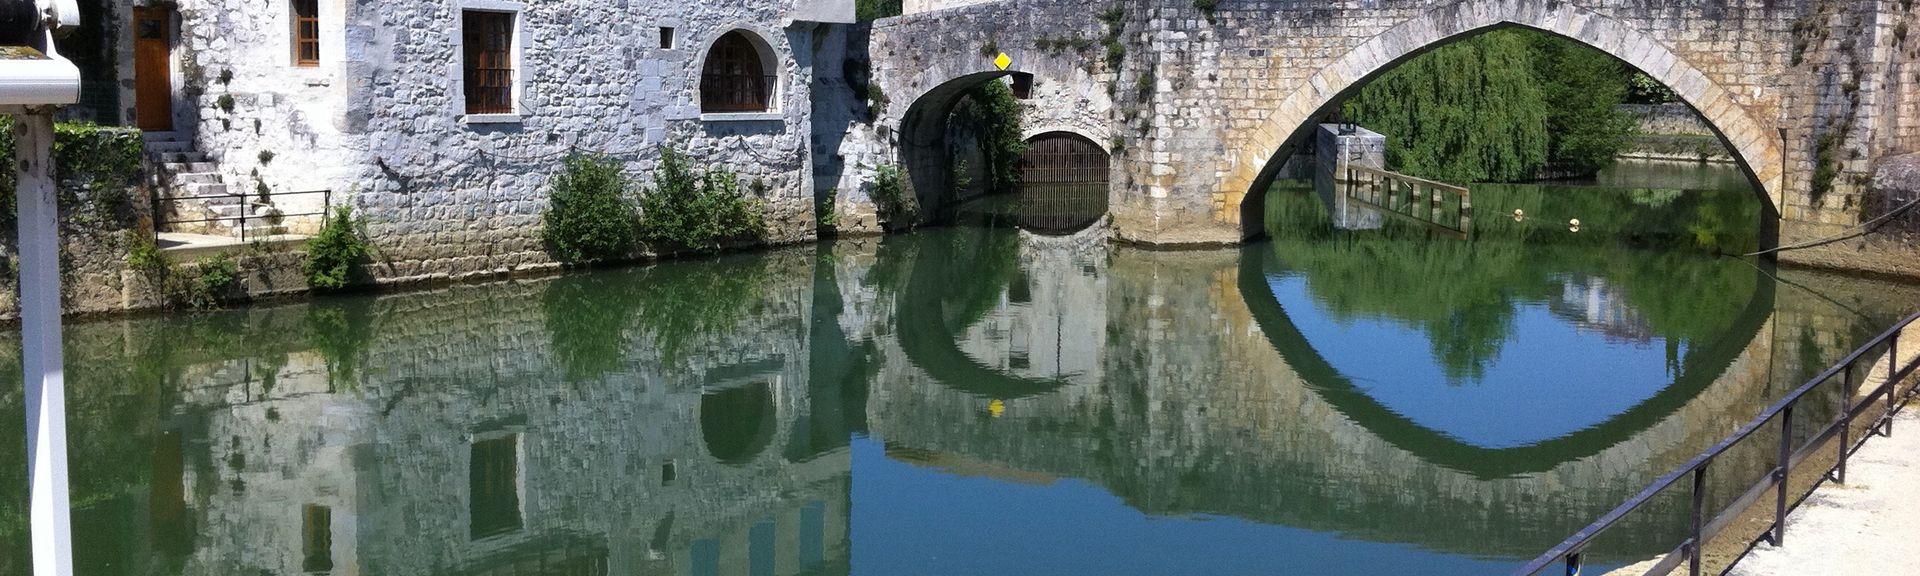 Cazaubon, Gers, France